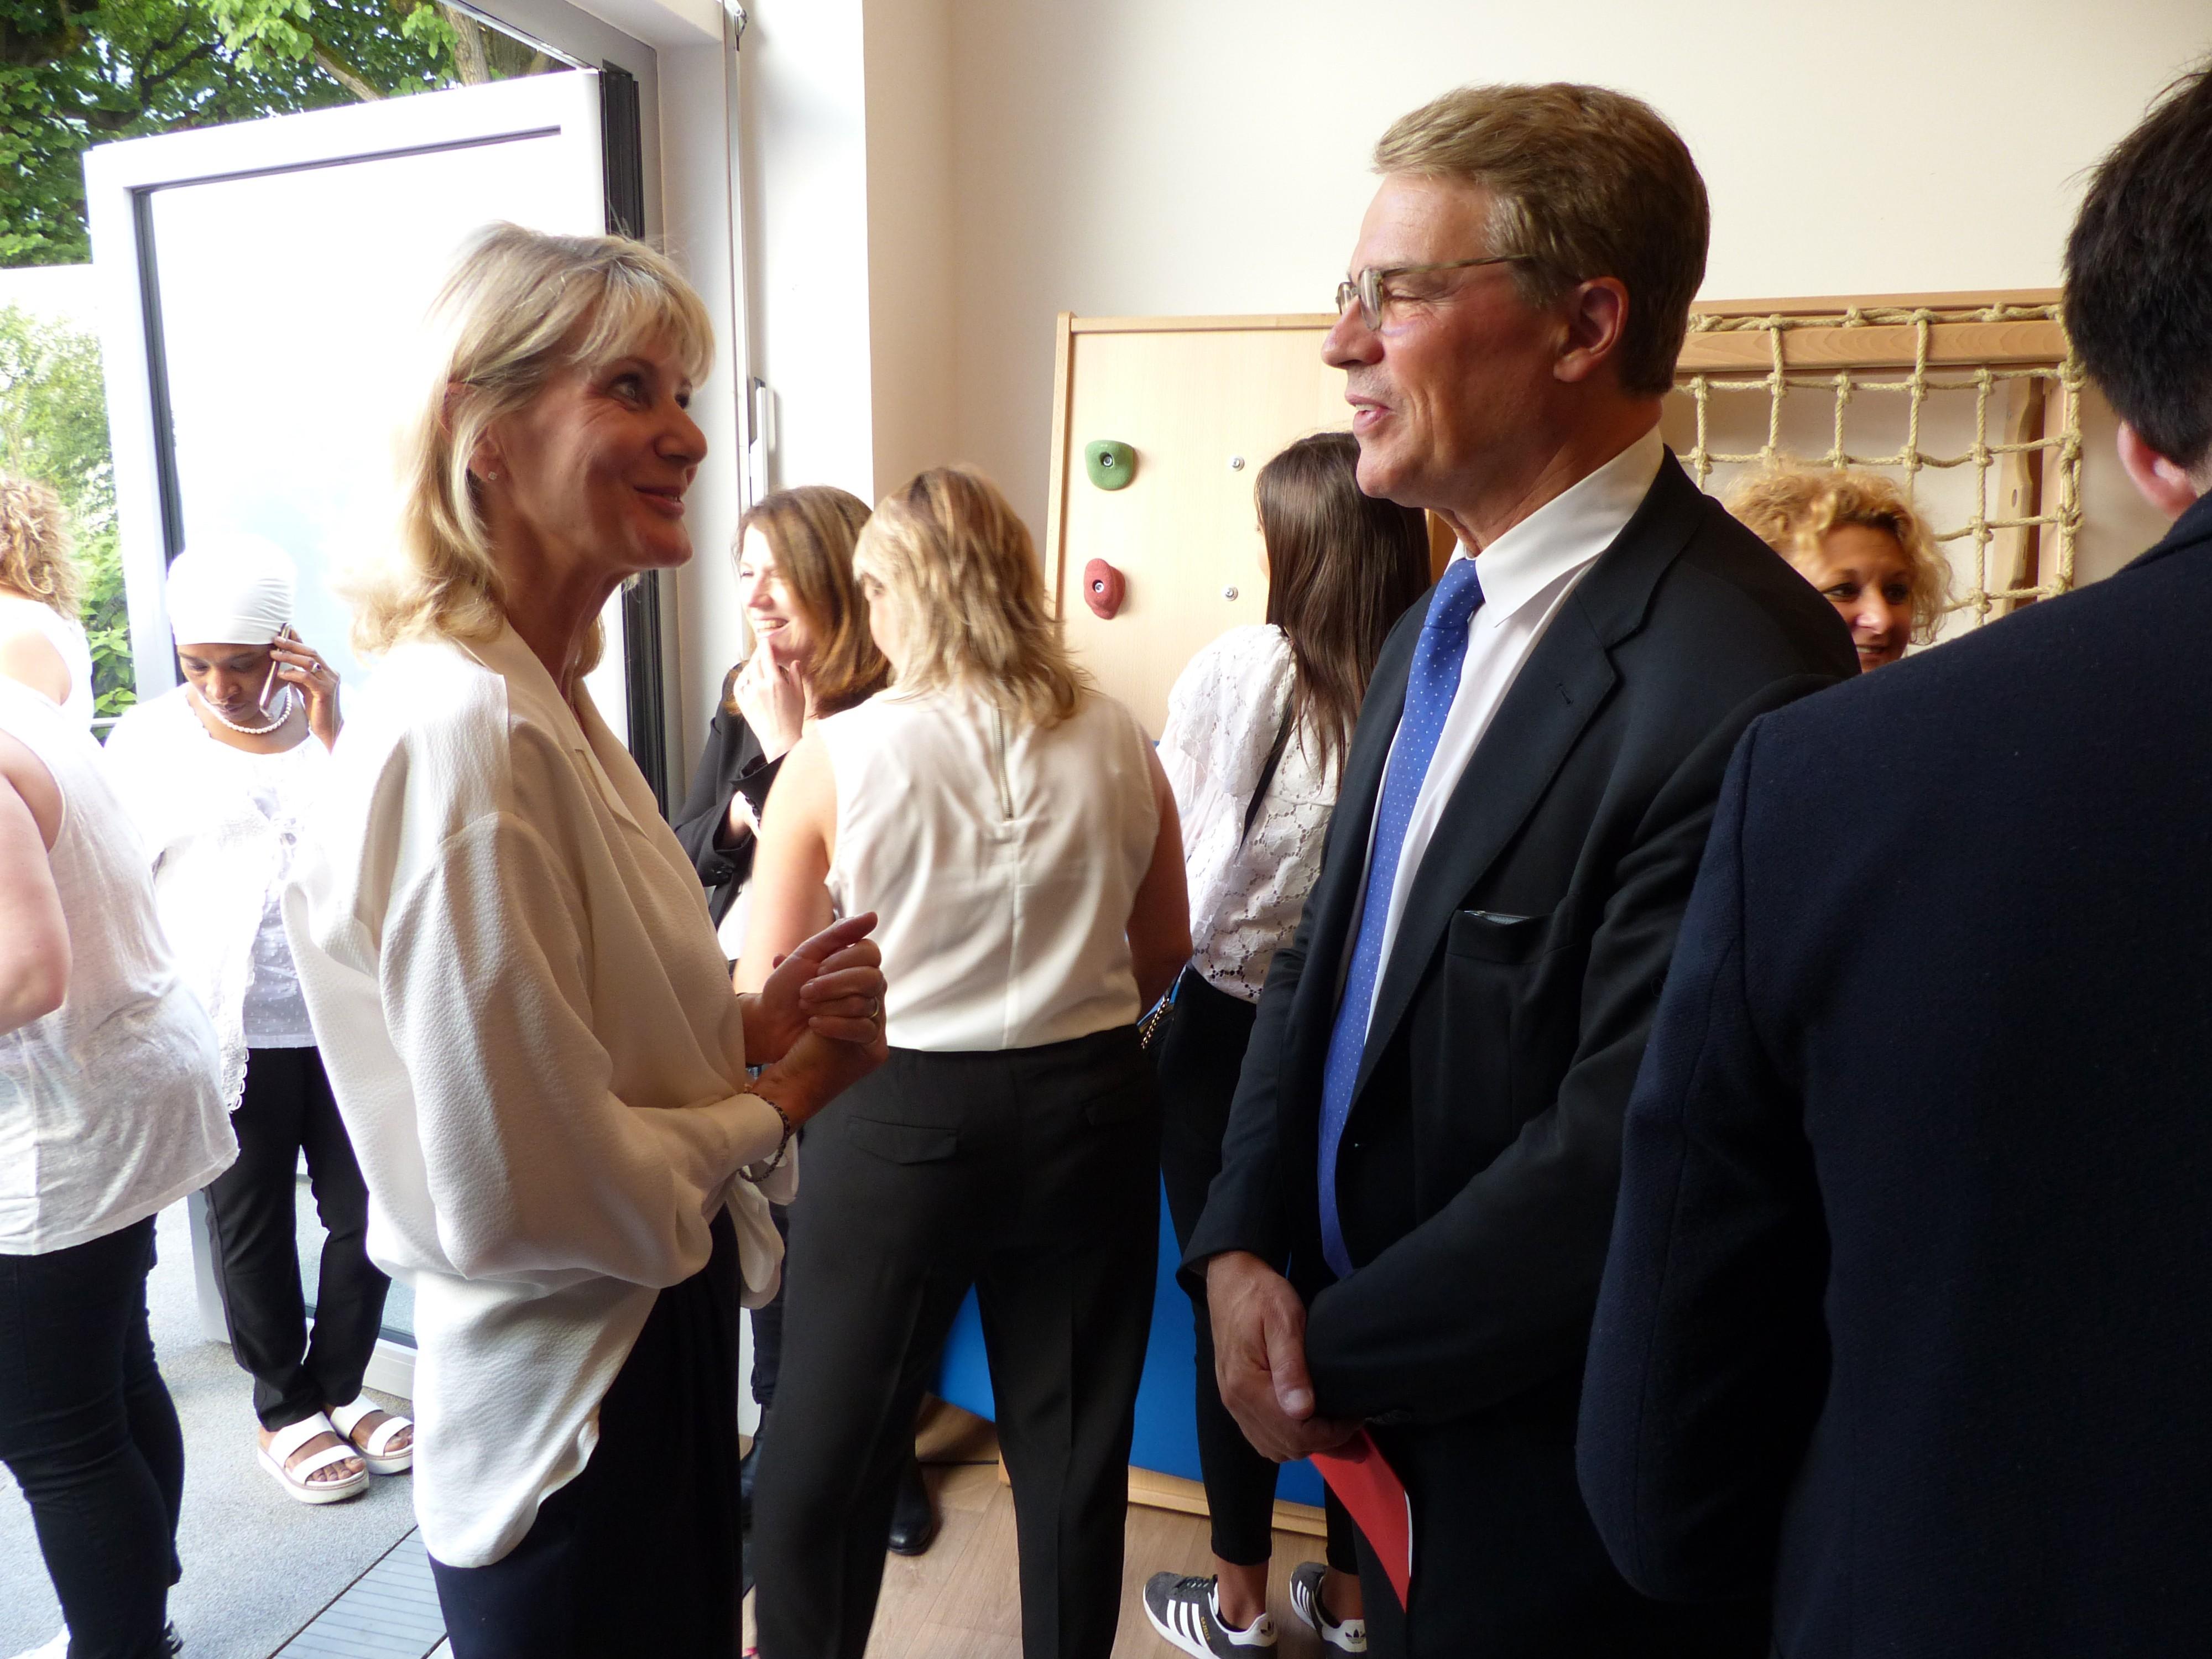 Inauguration du multi-accueil Kirigami de la Fondation Oeuvre de la Croix Saint-simon Nathalie D'asaro Biondo et Patrick Bloche